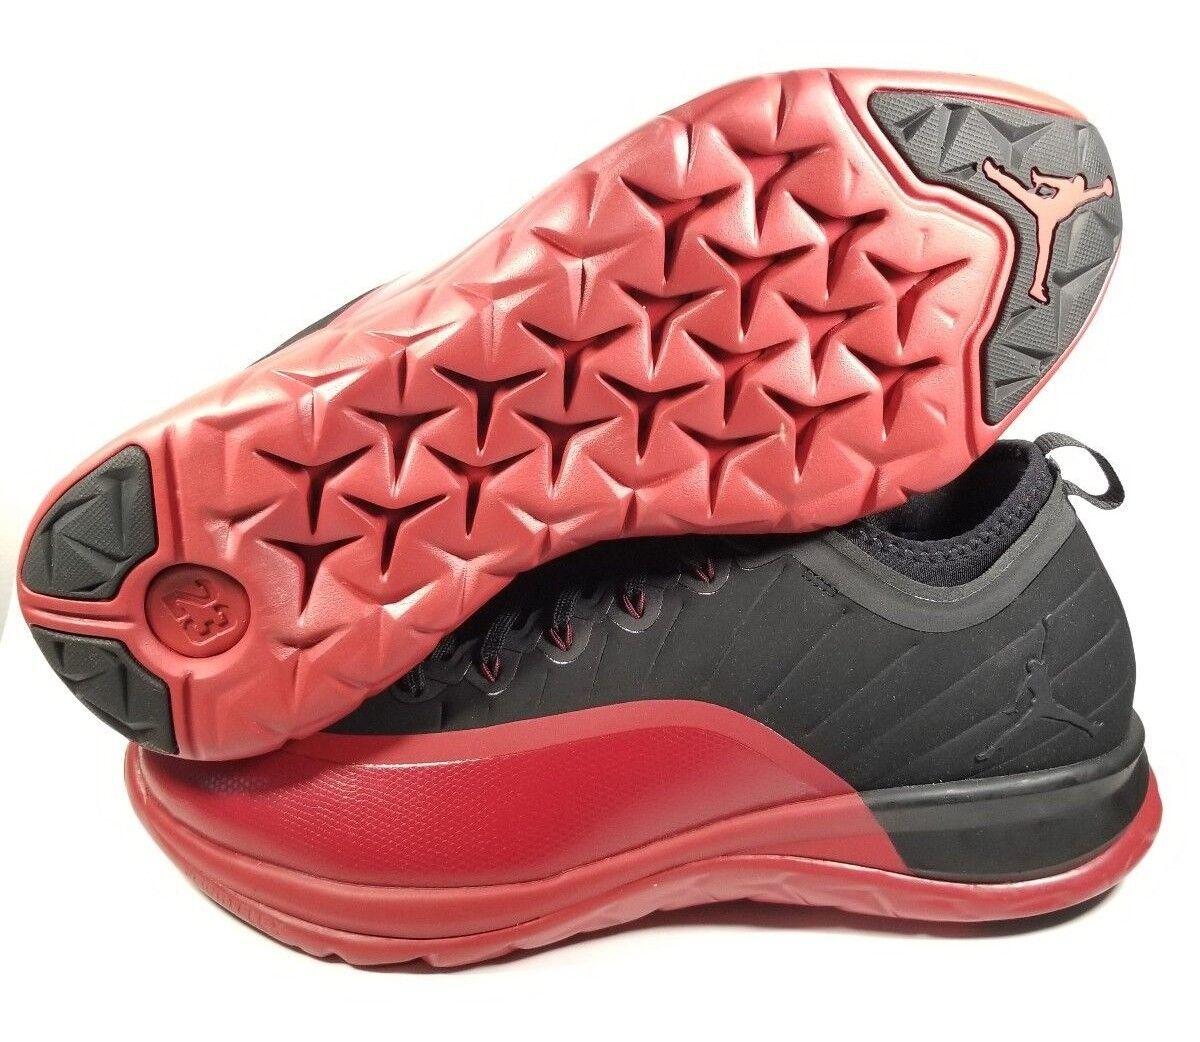 Jordan de entrenador primer negro Rojo 881463 060 reduccion de Jordan precio el modelo mas vendido de la marca 1c650e